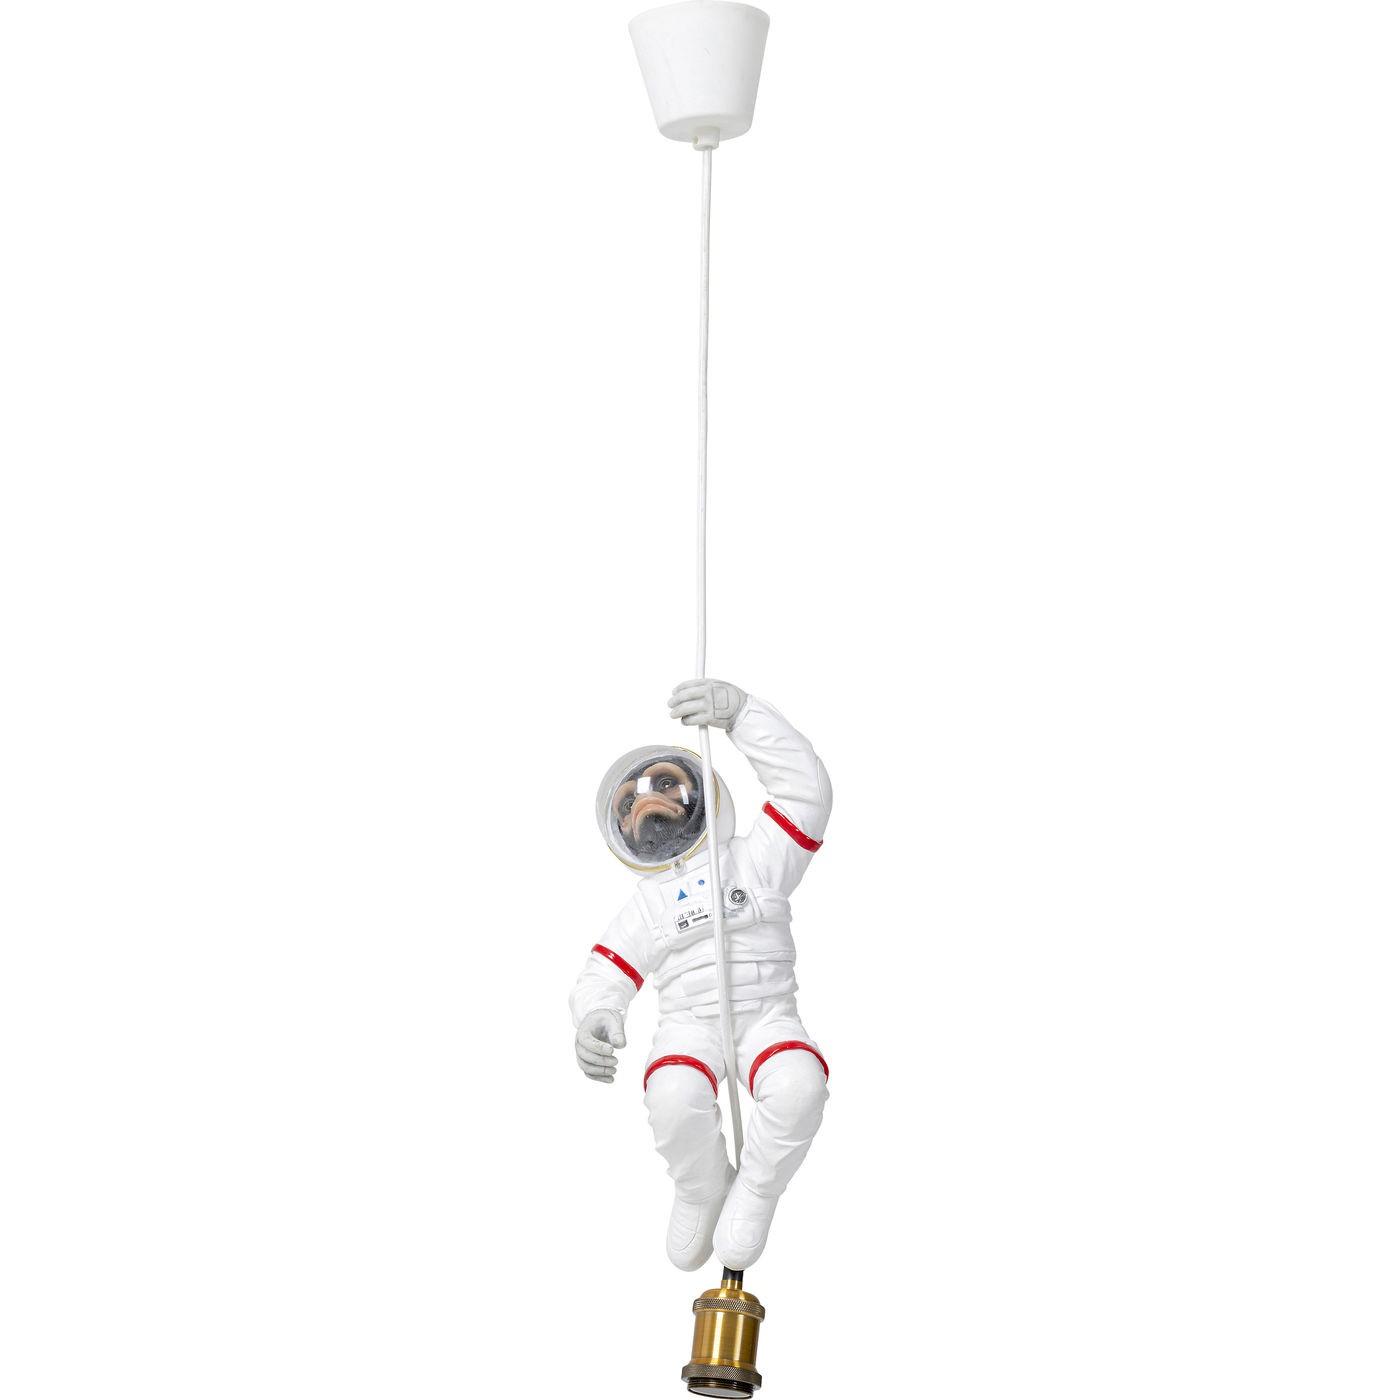 Suspension singe astronaute en polyrésine blanche